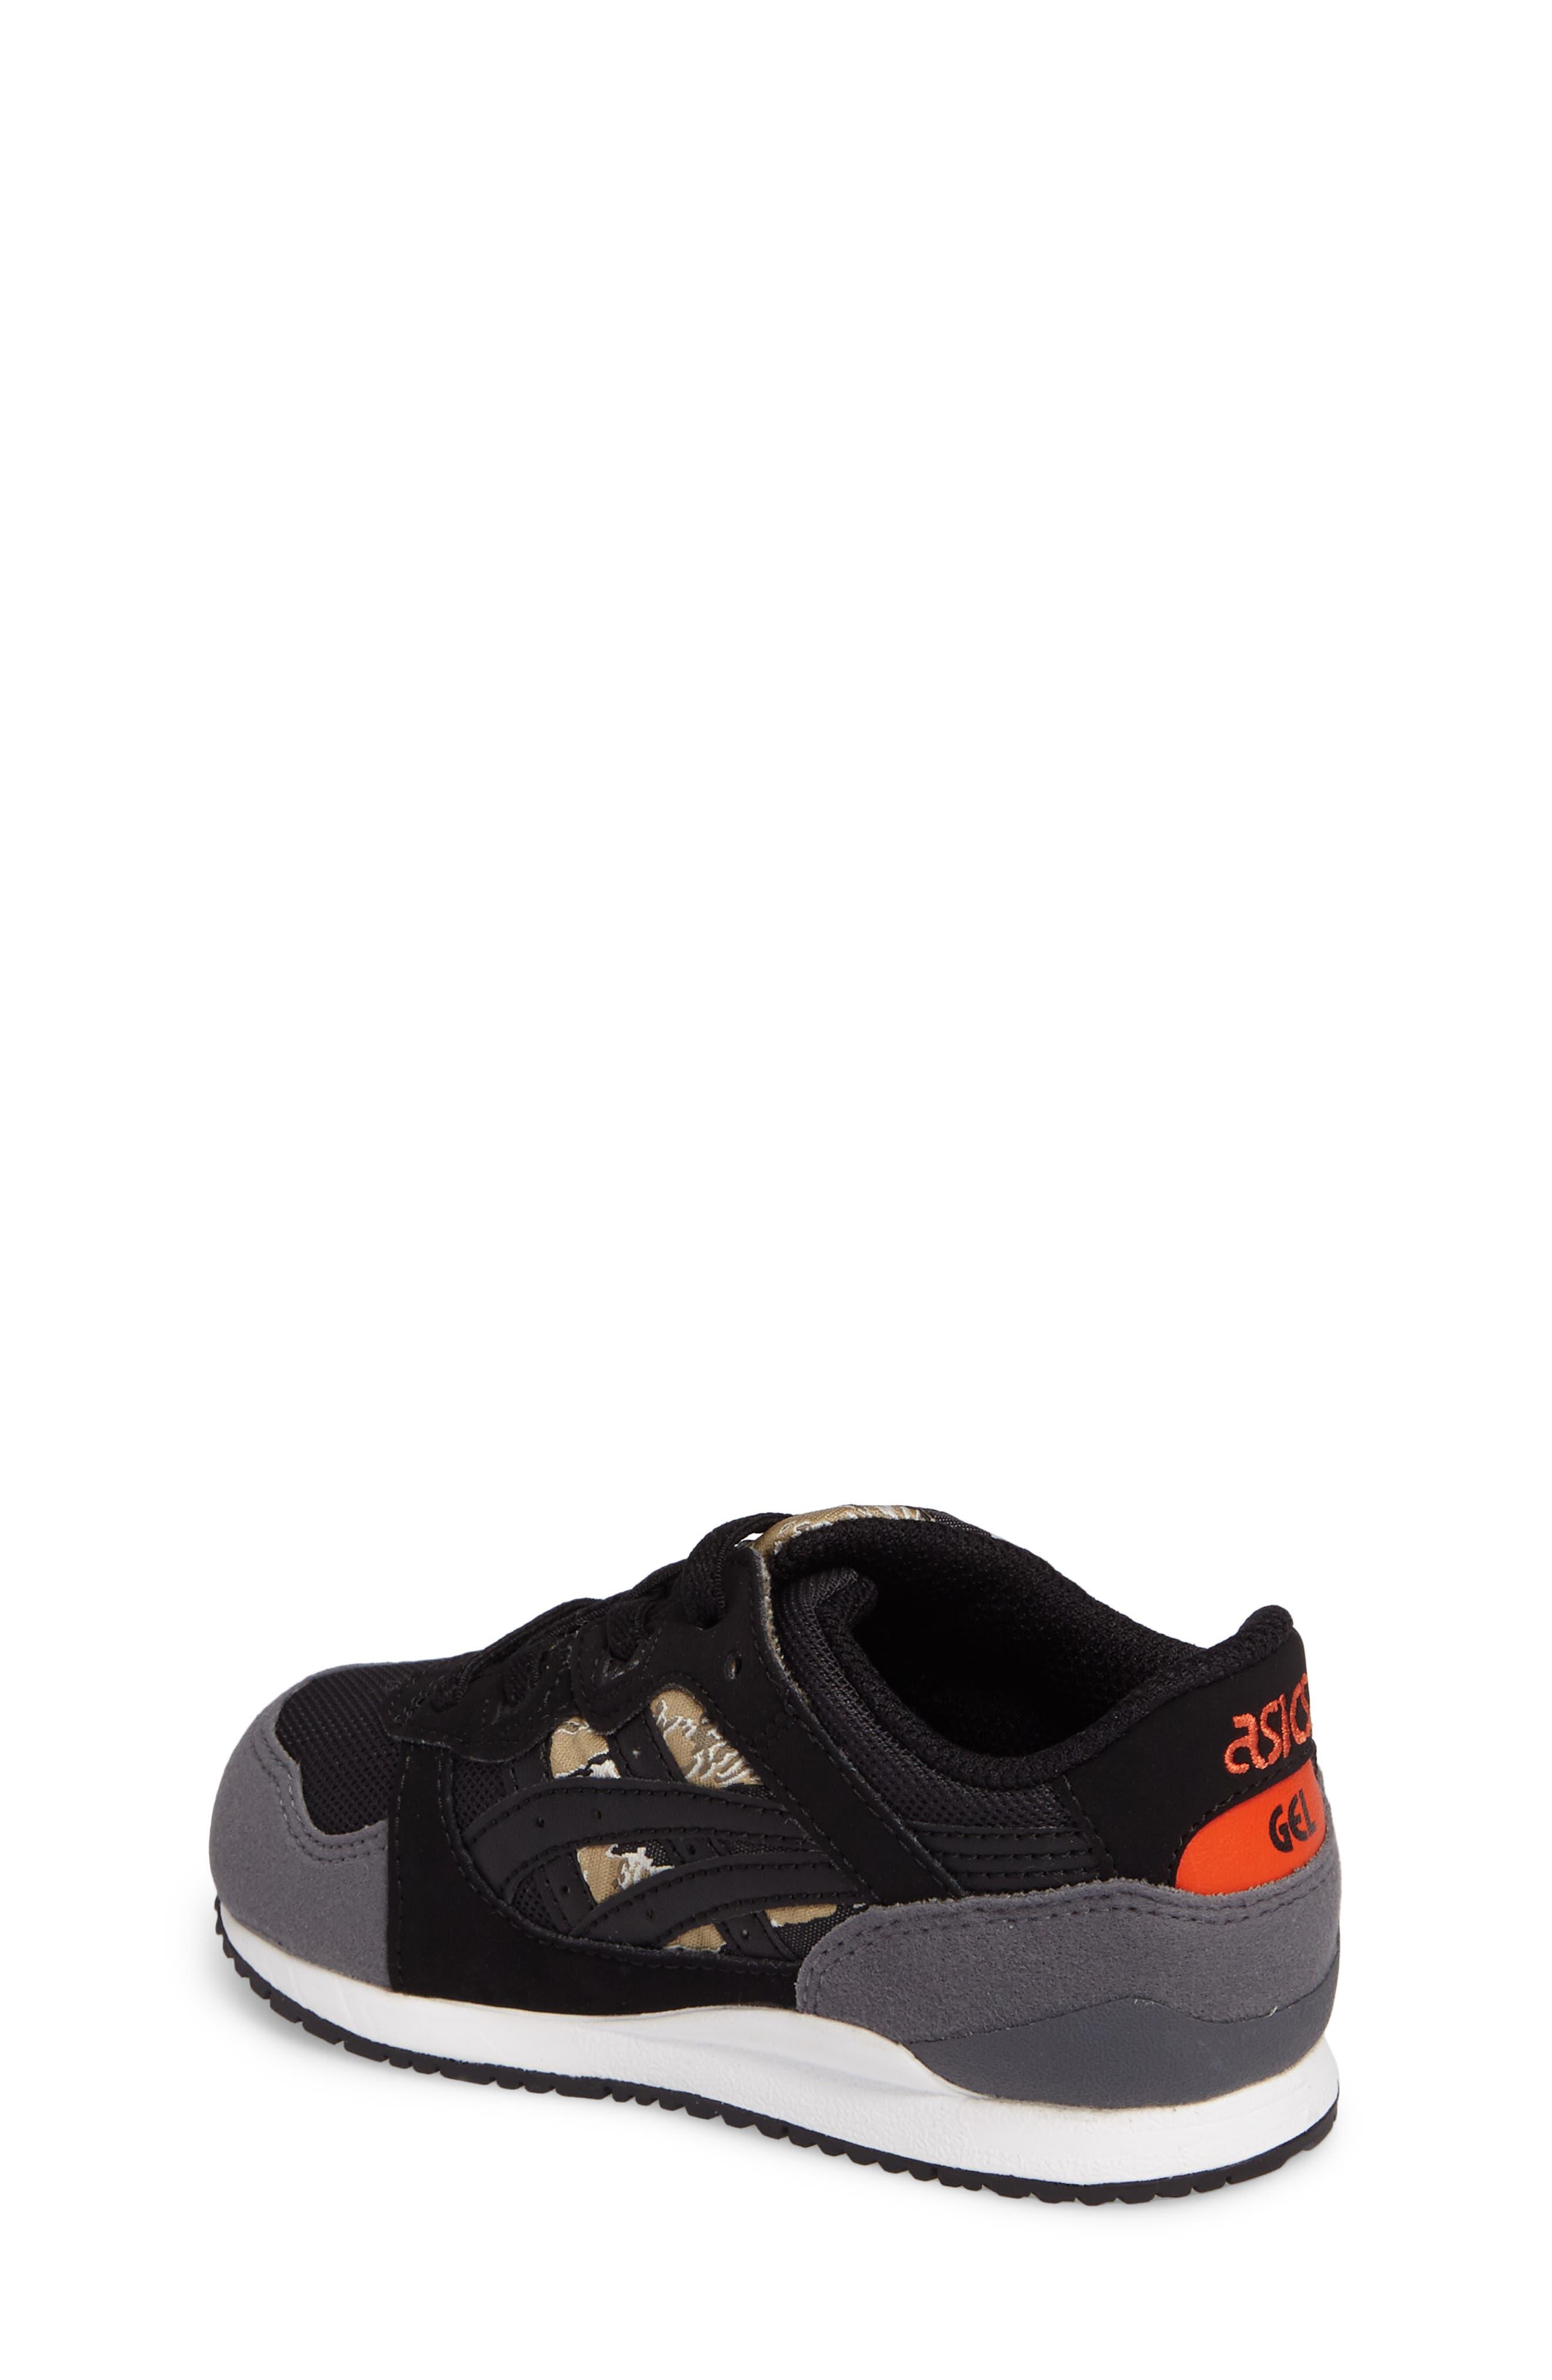 Alternate Image 2  - ASICS® GEL-LYTE® III TS Slip-On Sneaker (Baby, Walker & Toddler)